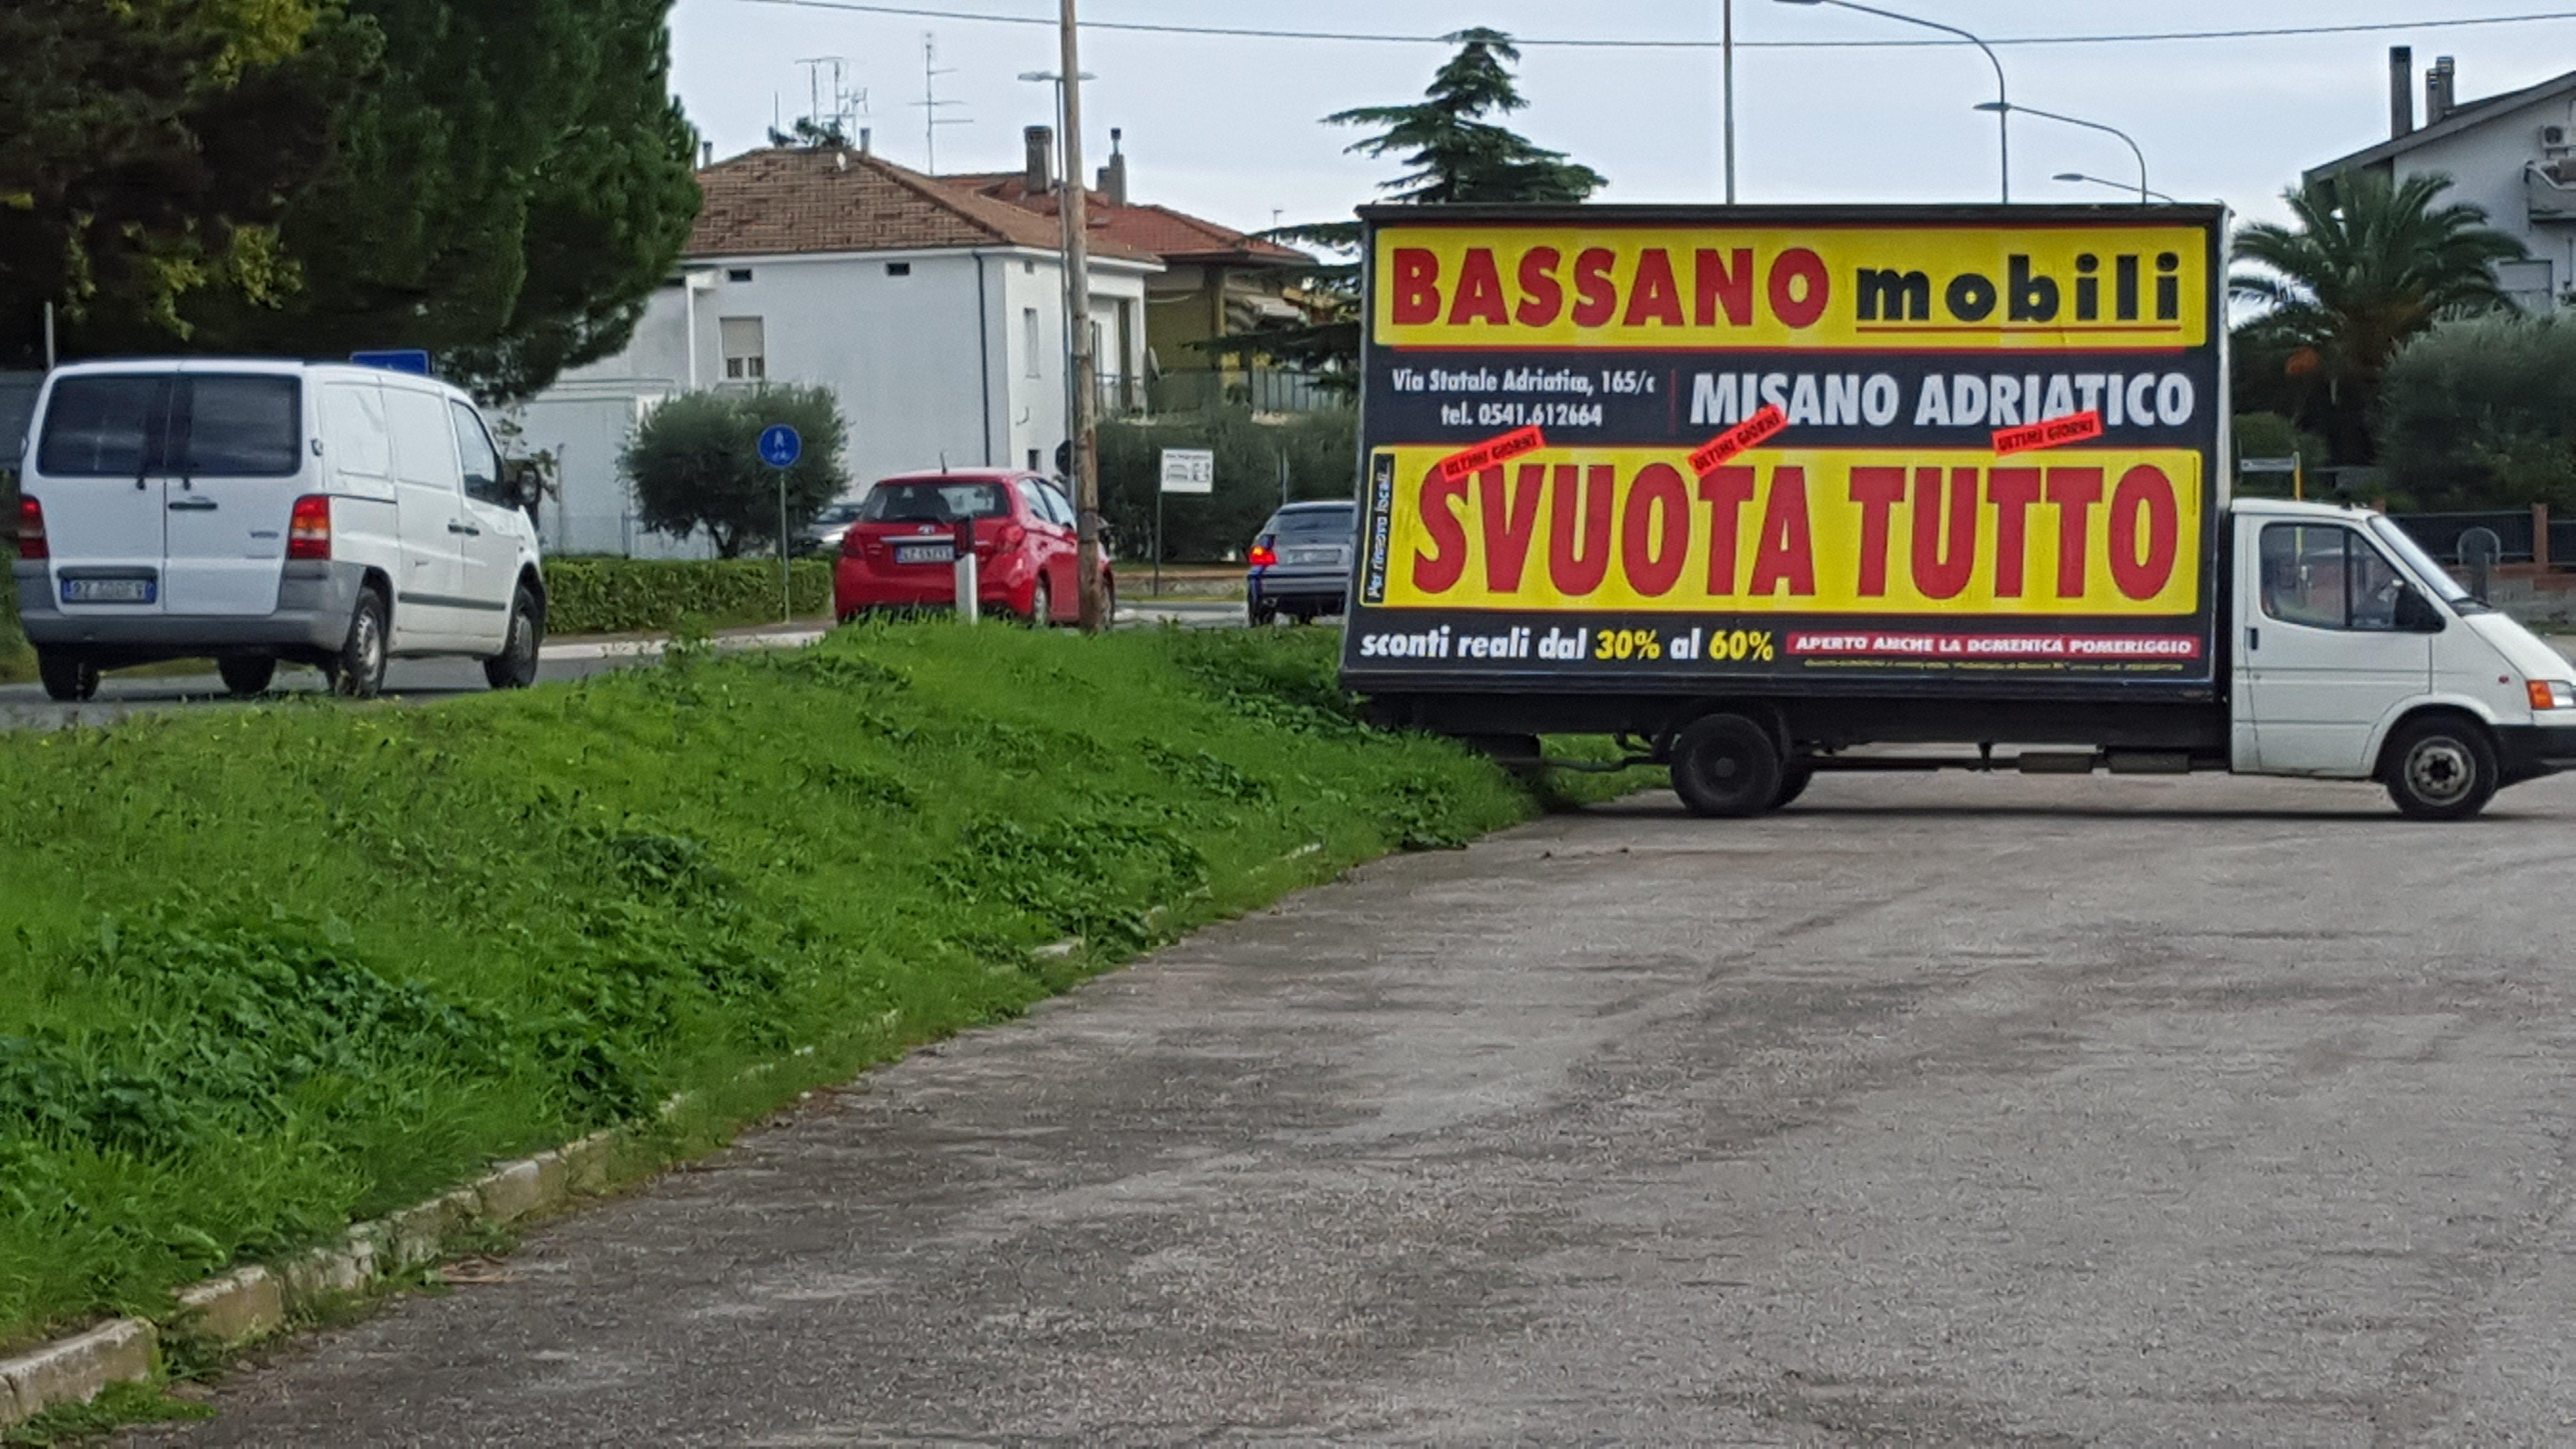 un camion con una pubblicità'